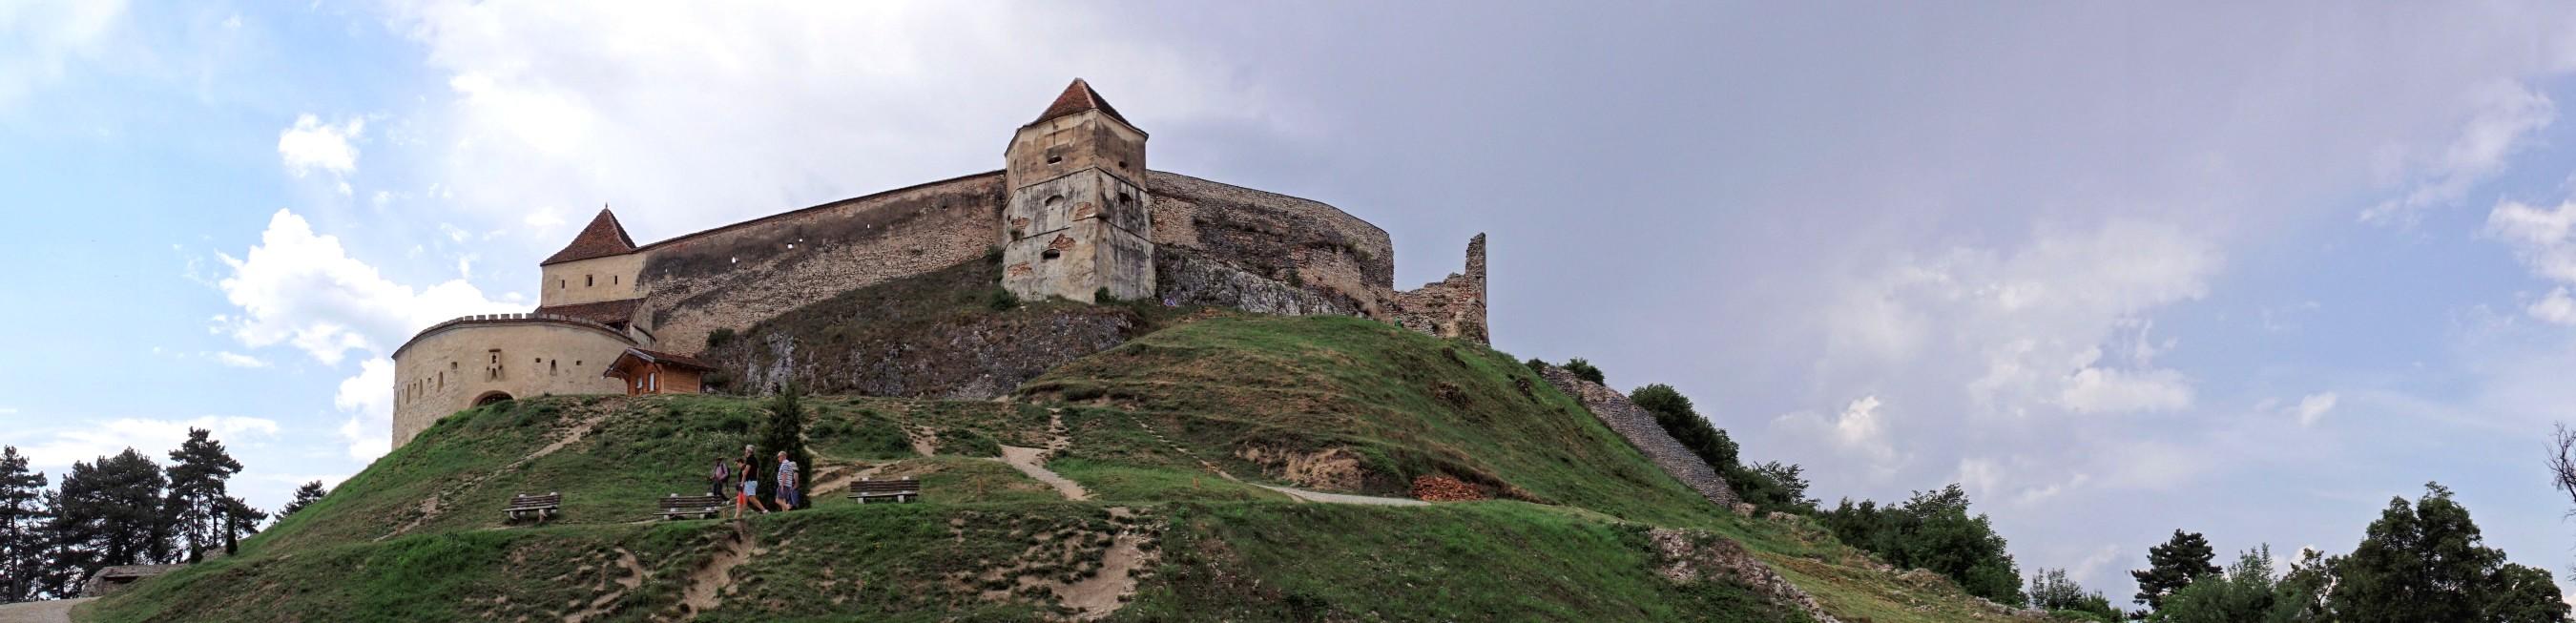 Zamek w Rasnovie w panoramie